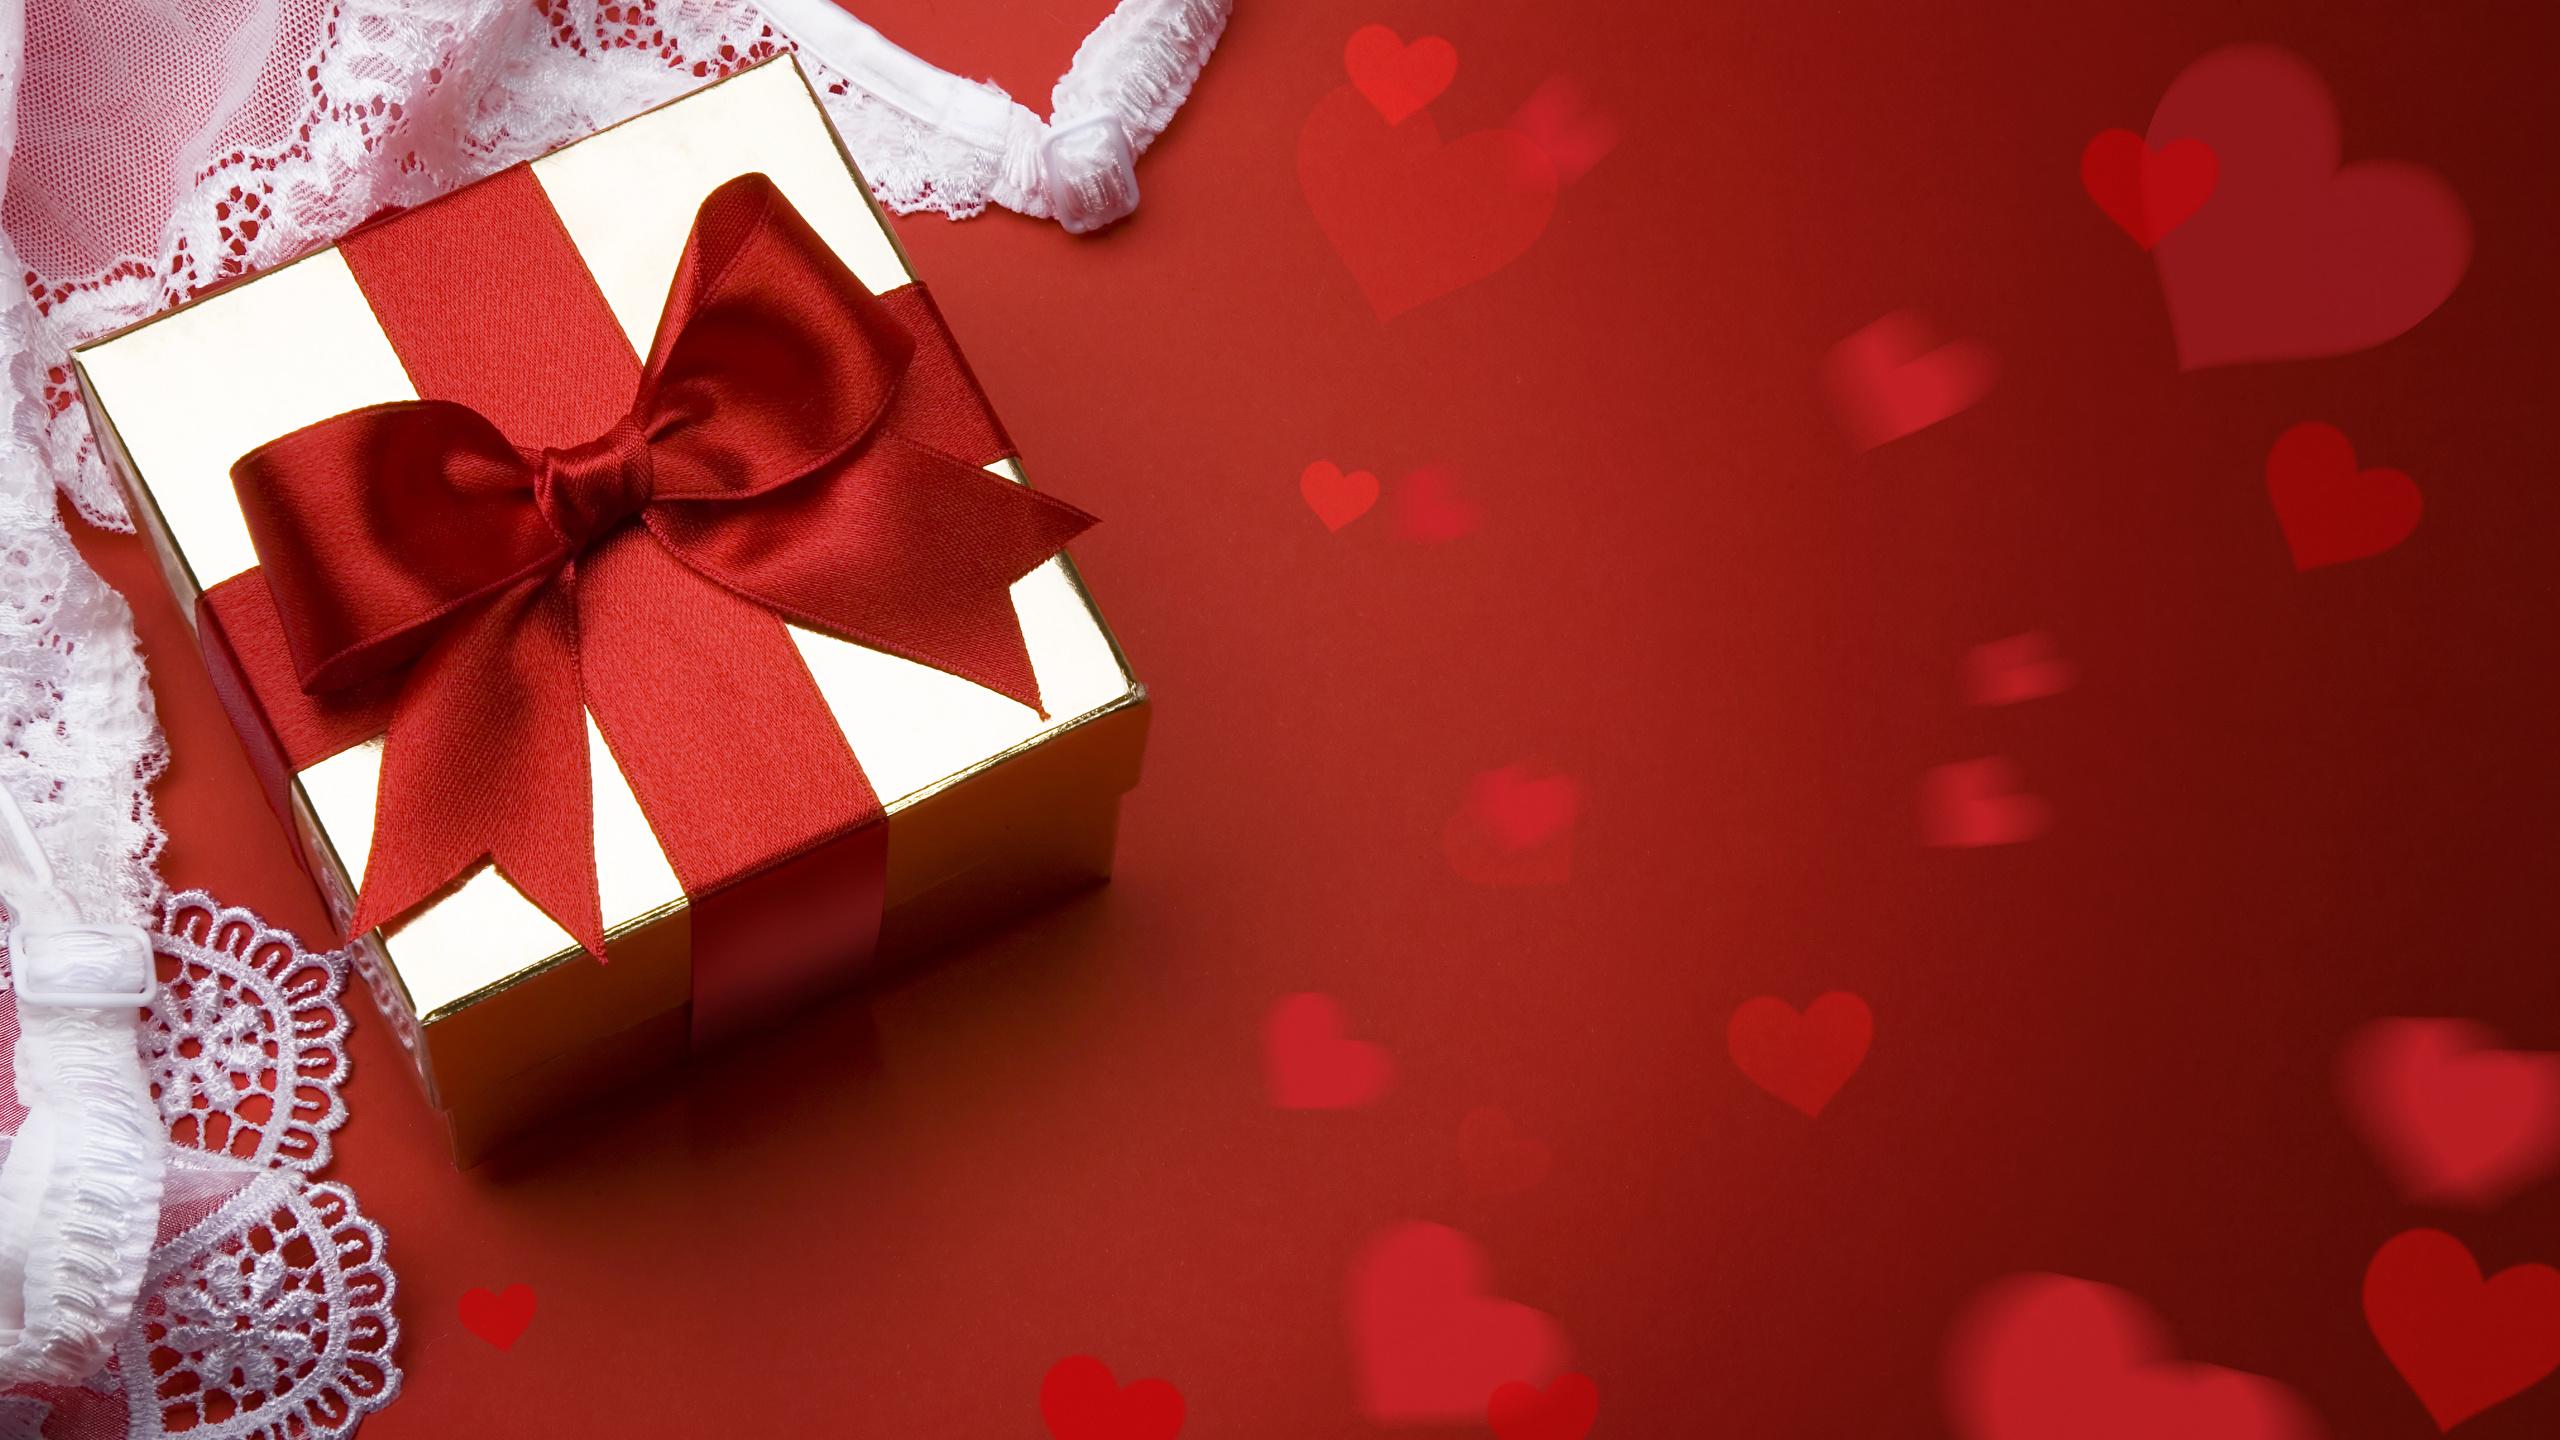 Fonds Decran 2560x1440 Saint Valentin Fond Rouge Cadeaux